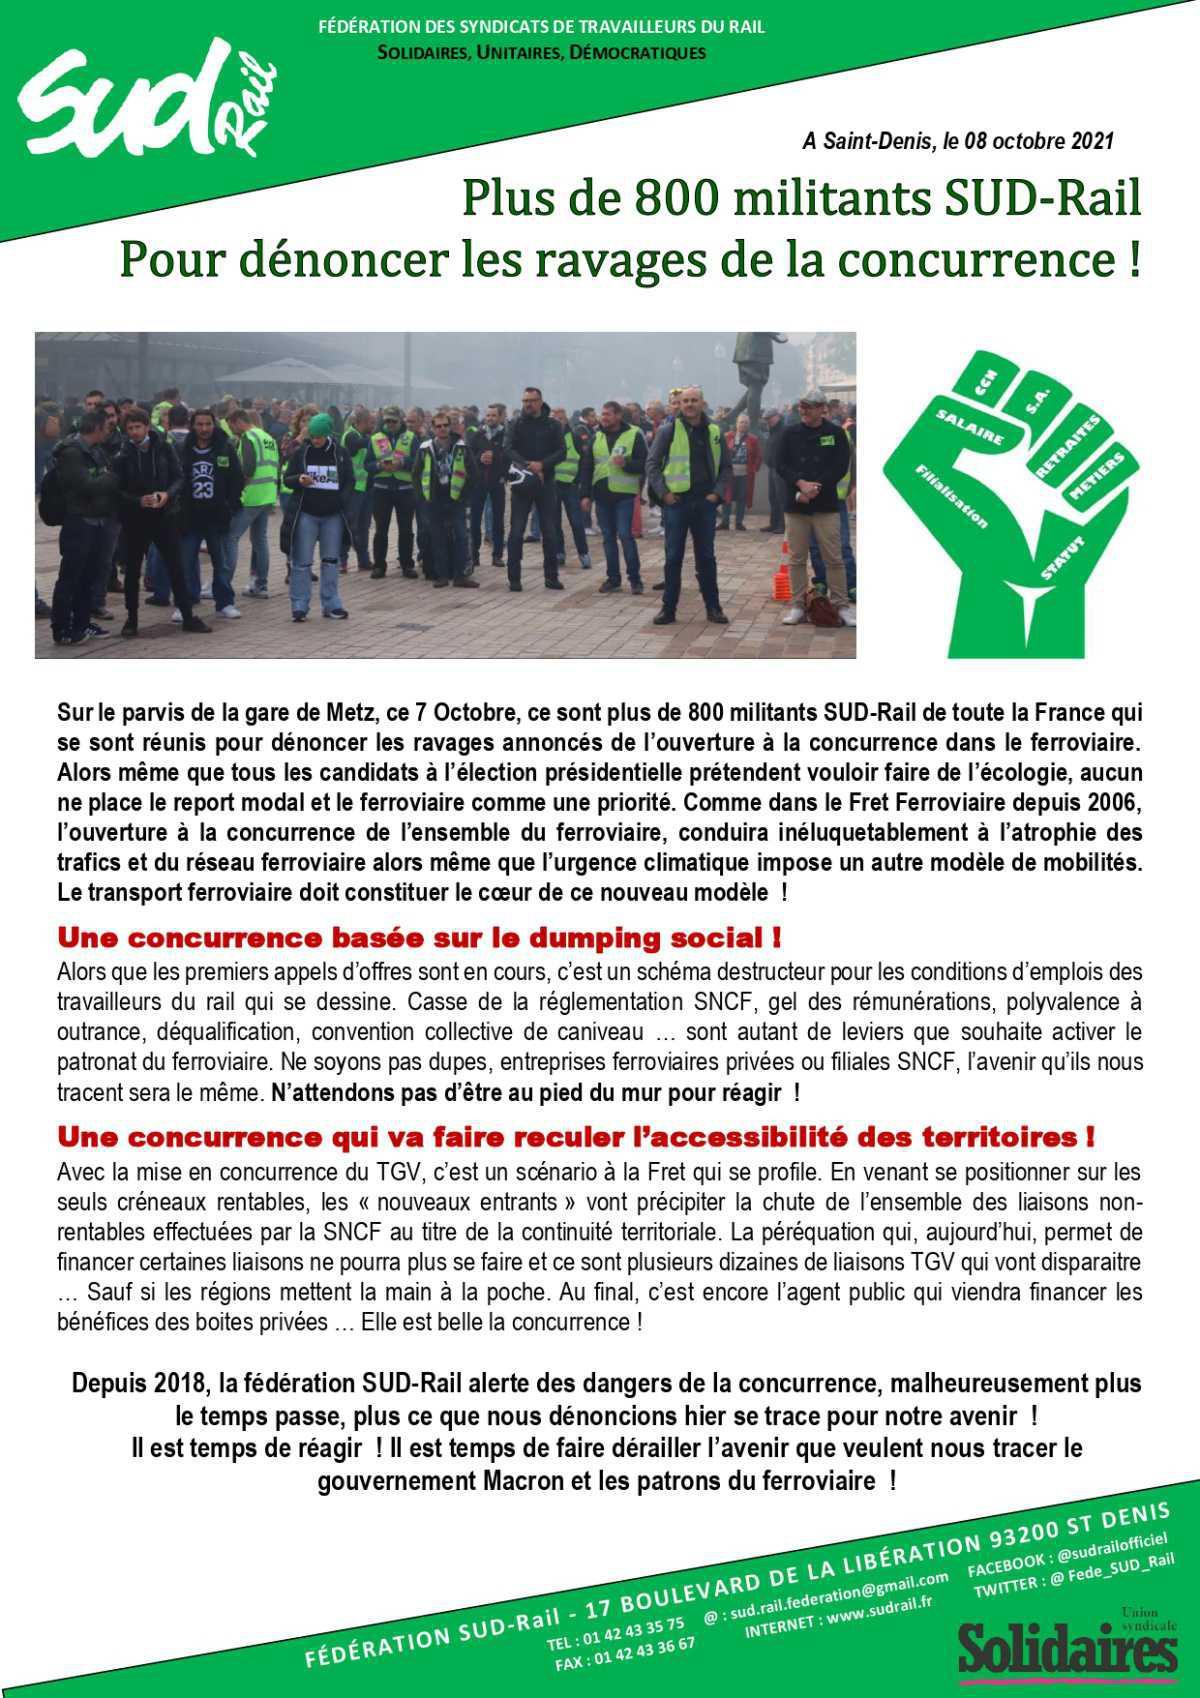 Plus de 800 militants SUD-Rail pour dénoncer les ravages de la concurrence !